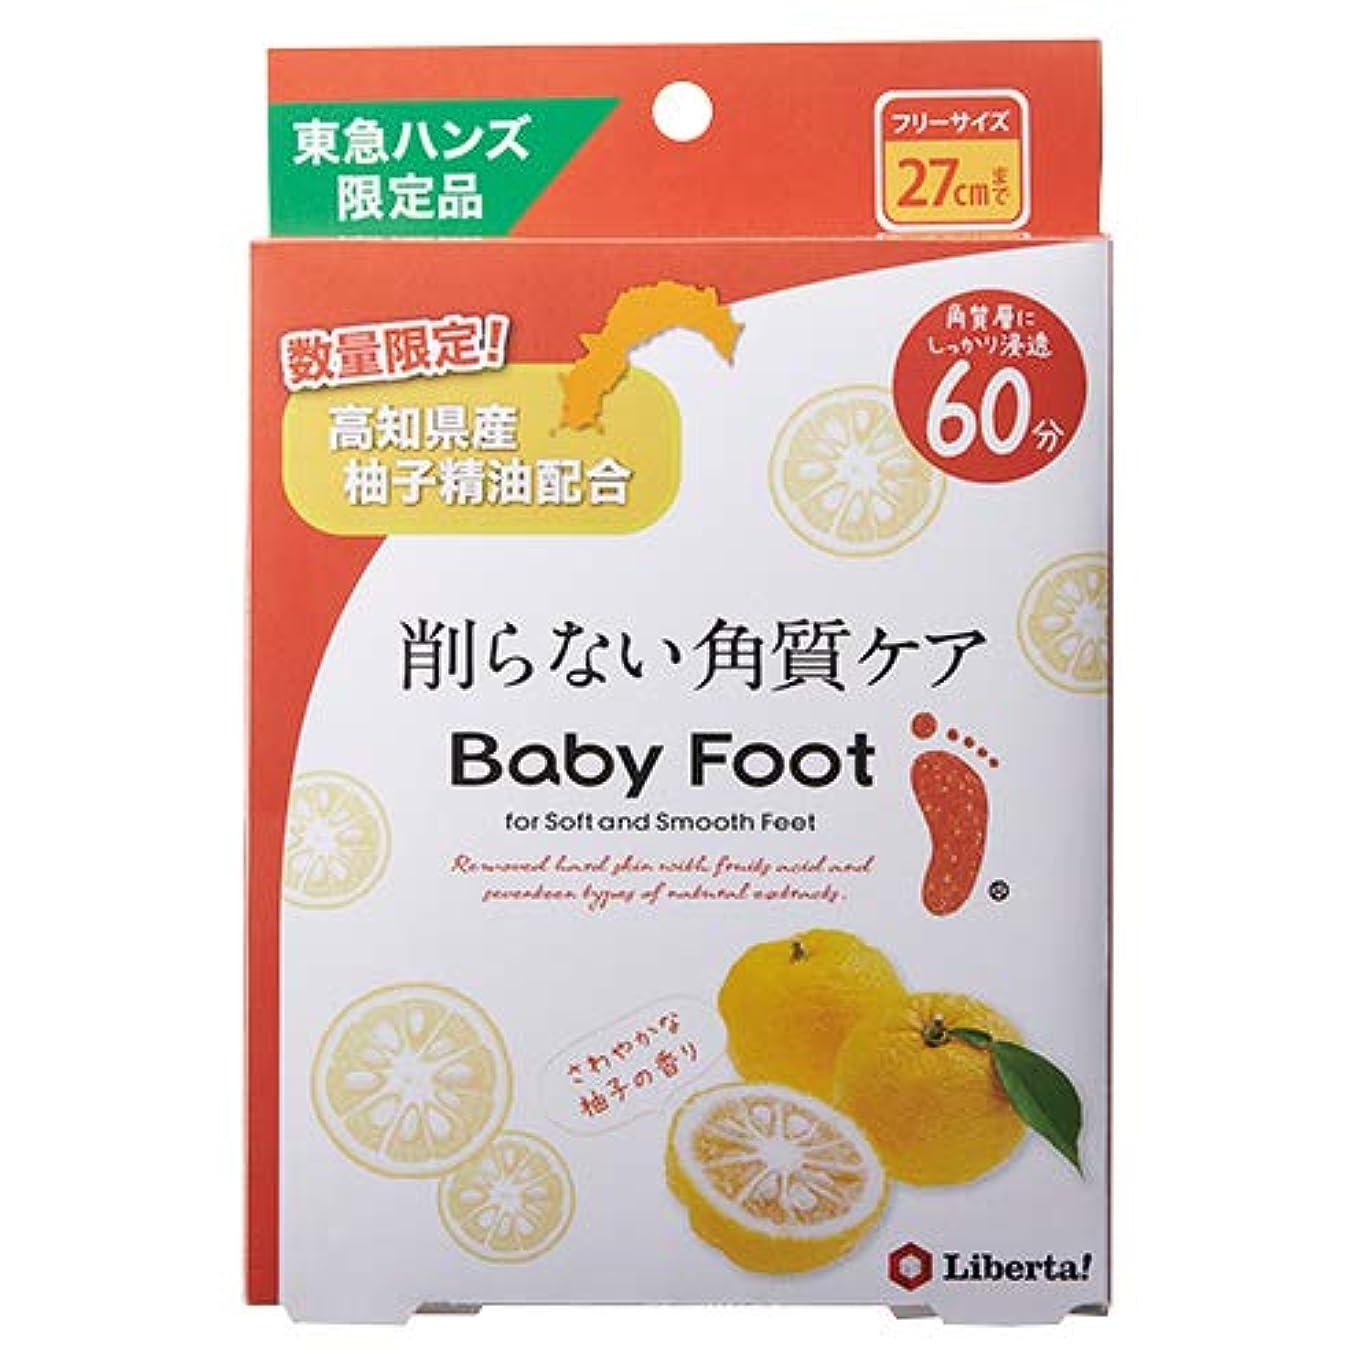 和解するほとんどない動脈【お買い得】ベビーフット イージーパック60分 高知県産柚子の香り 1足分